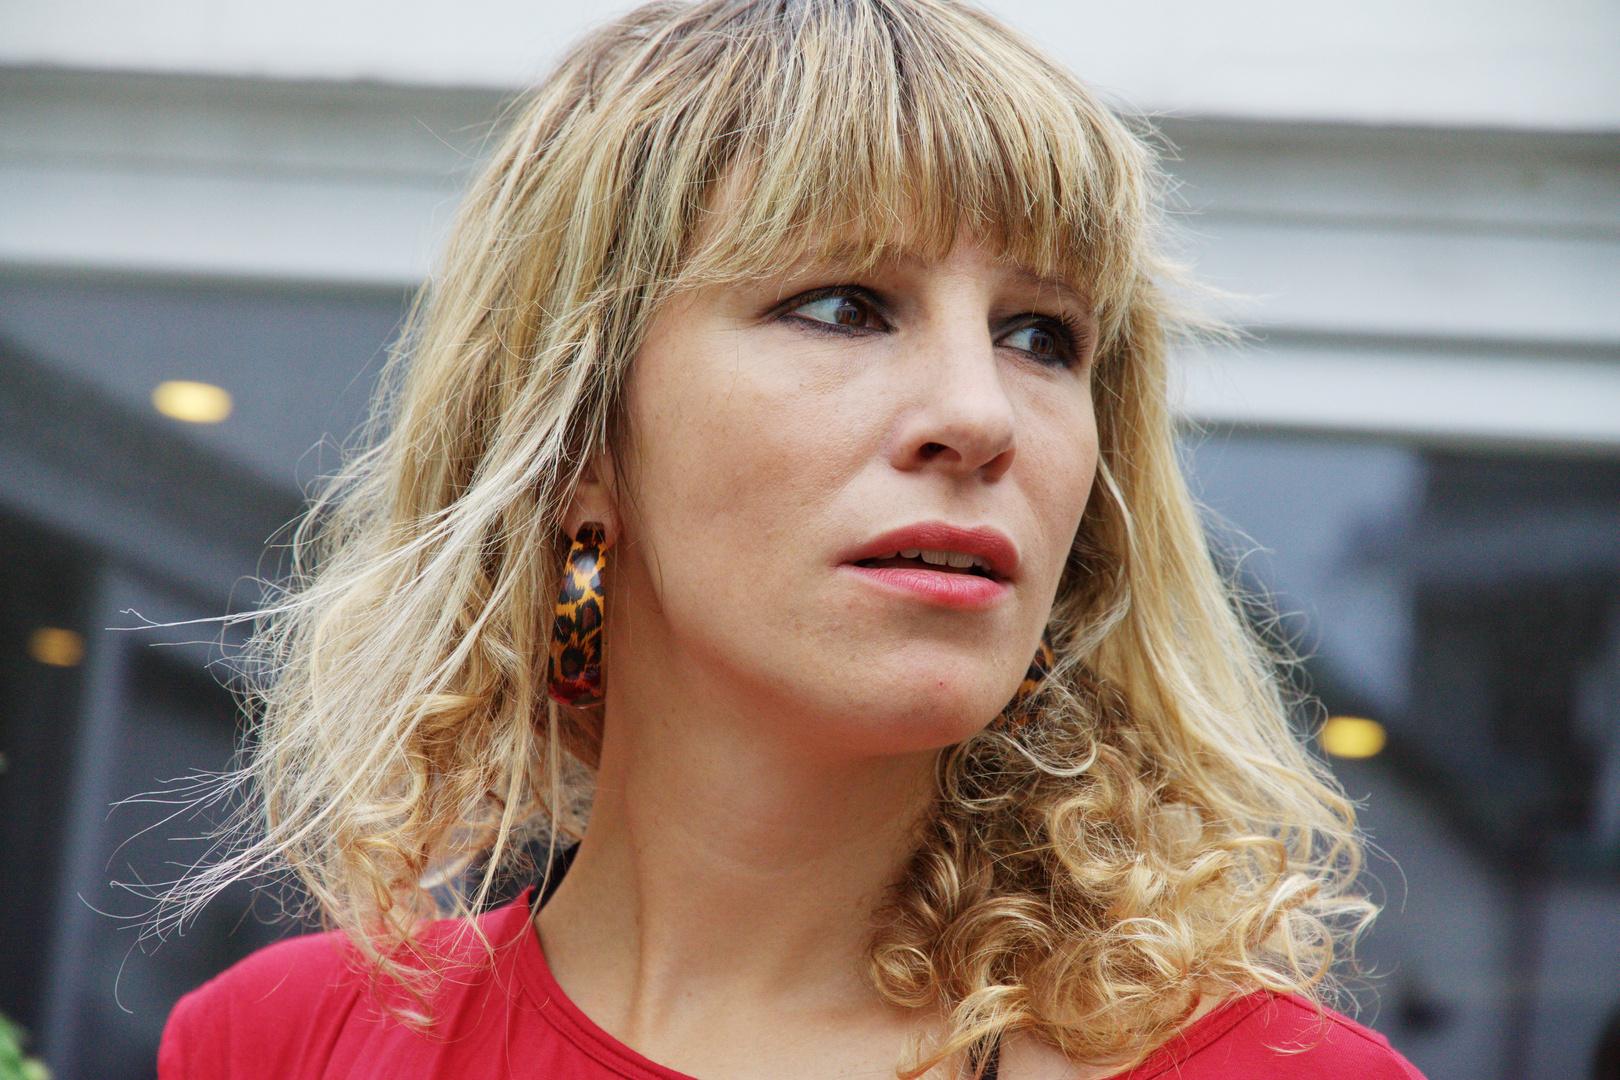 Patricia Johanna